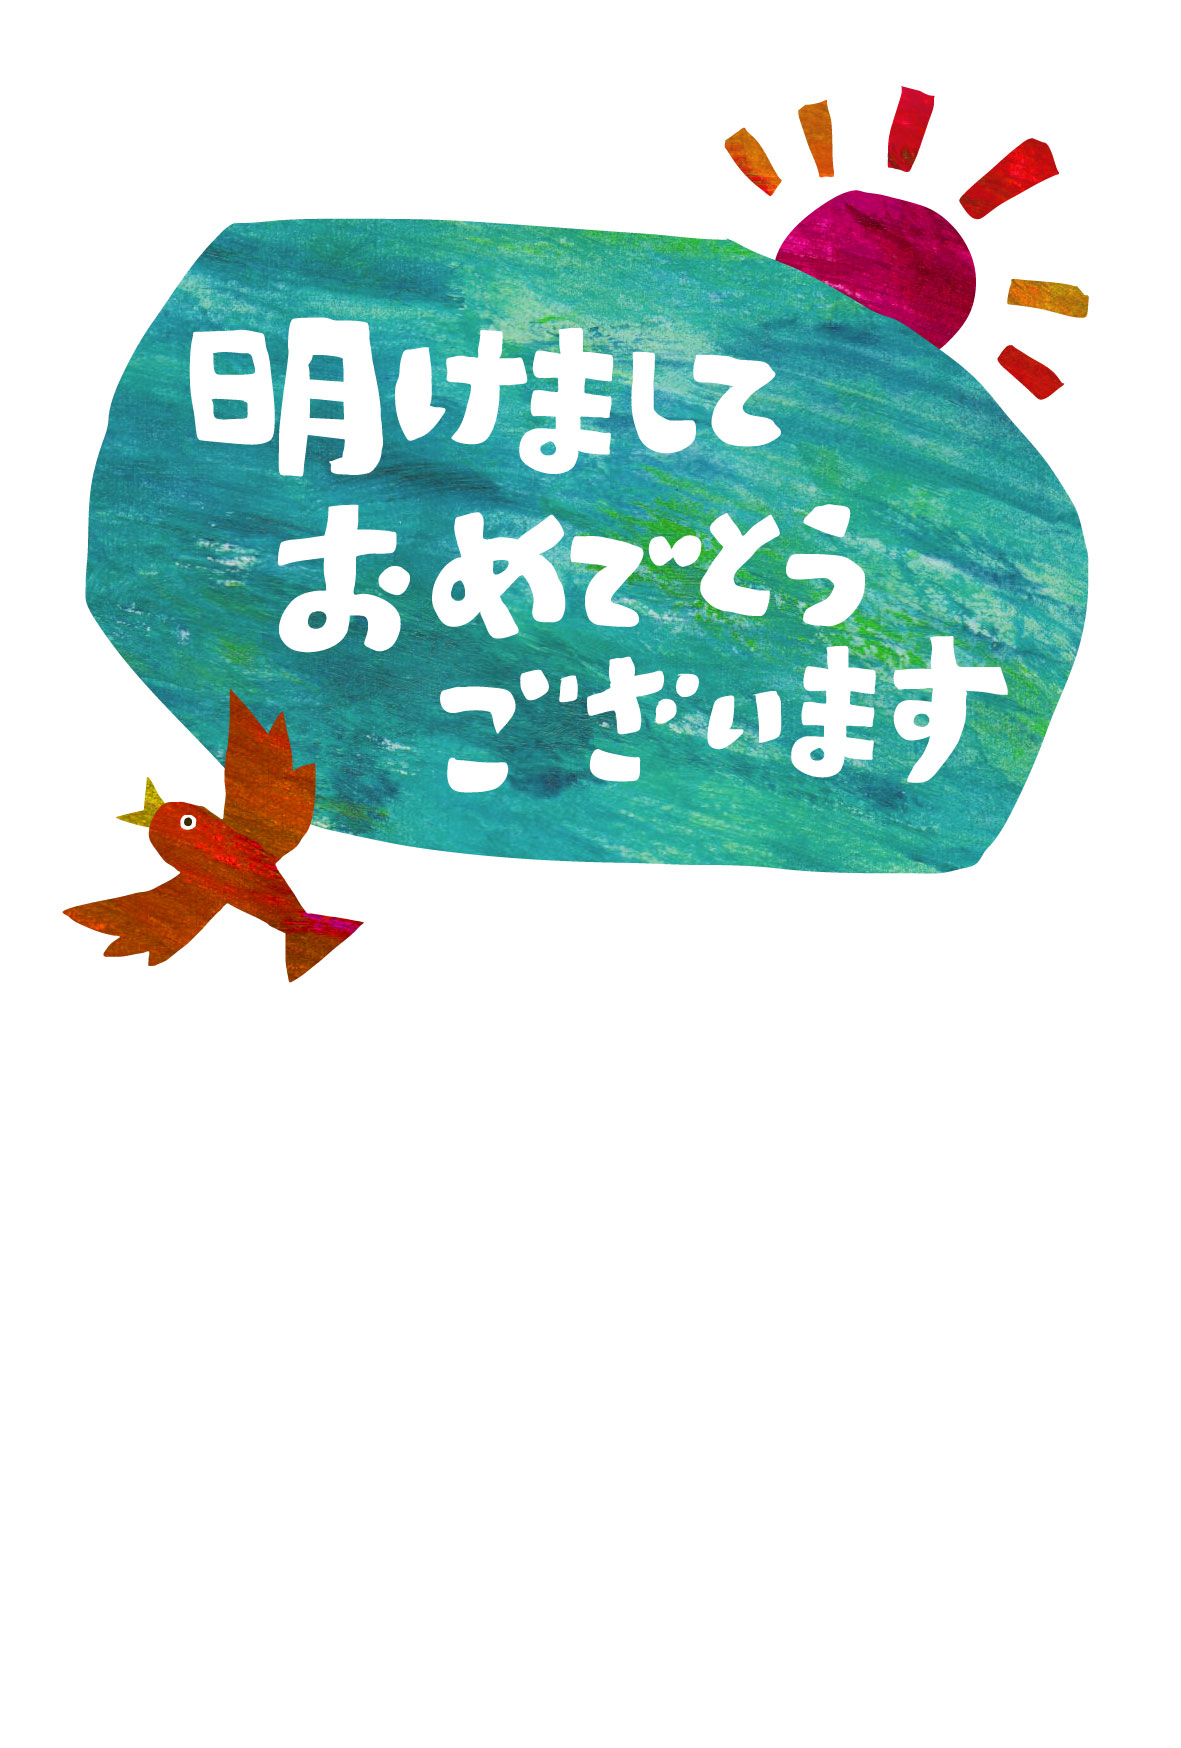 初日の出と鳥のコラージュイラスト年賀状 かわいい無料年賀状